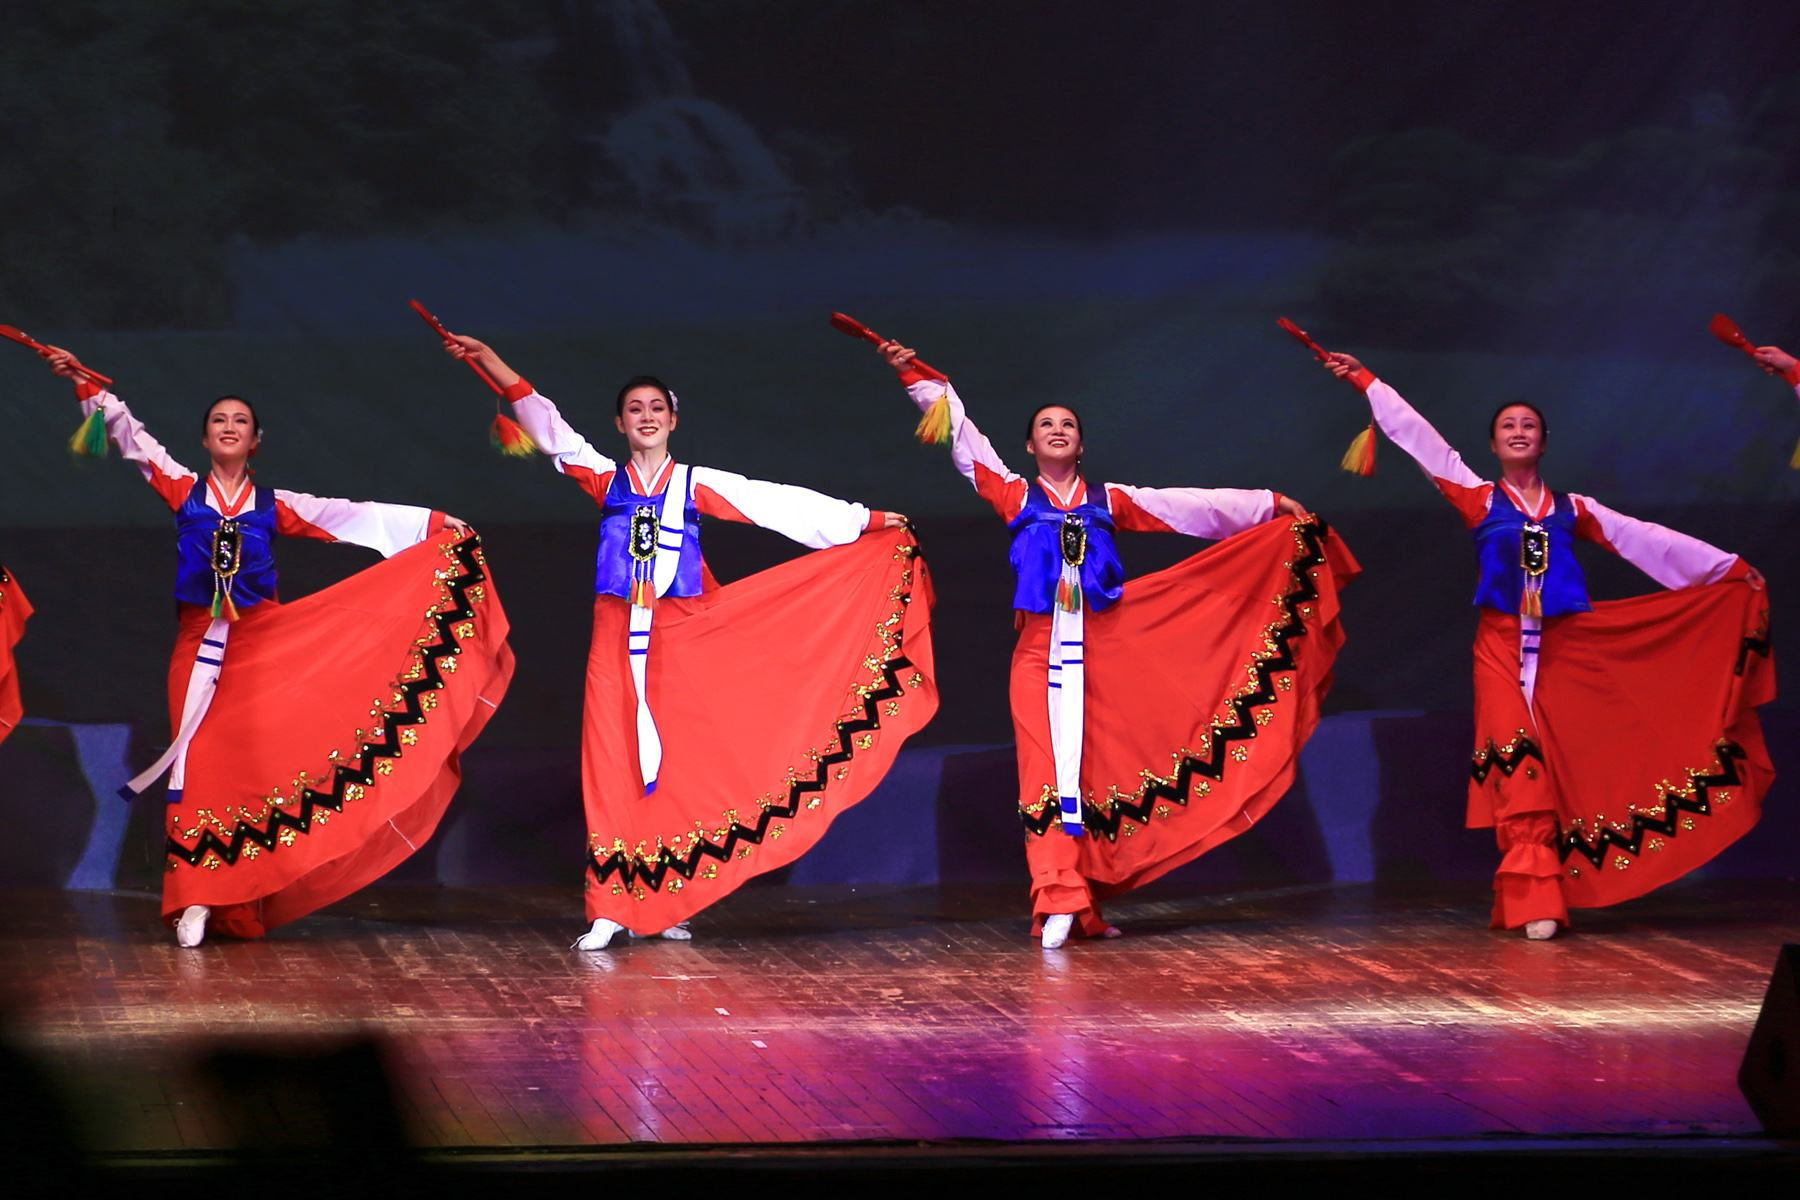 演出服装那么多,还是觉得民族演出服最有特色。